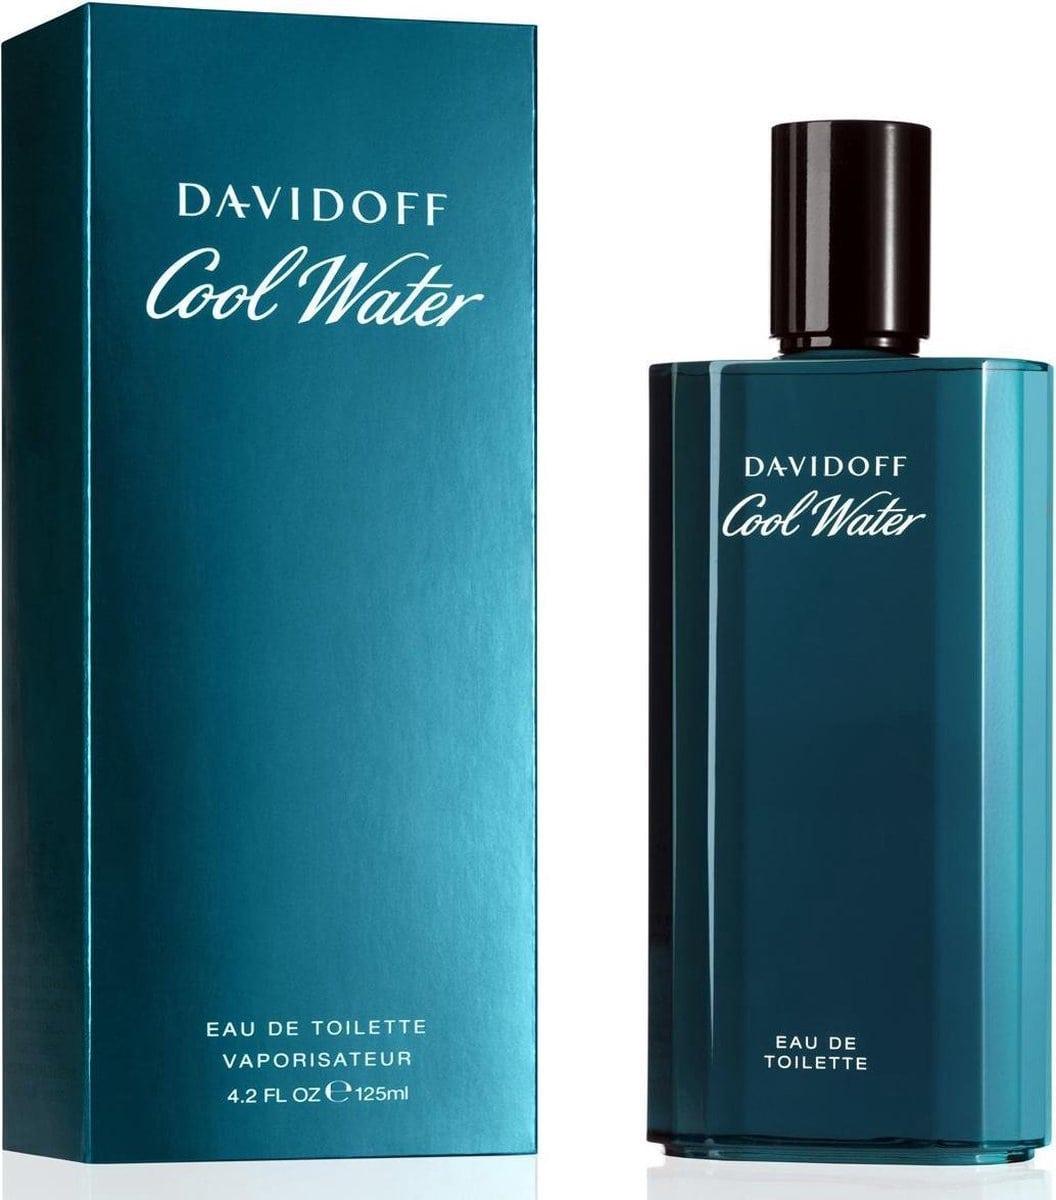 Davidoff Coolwater met doosje, vooraanzicht